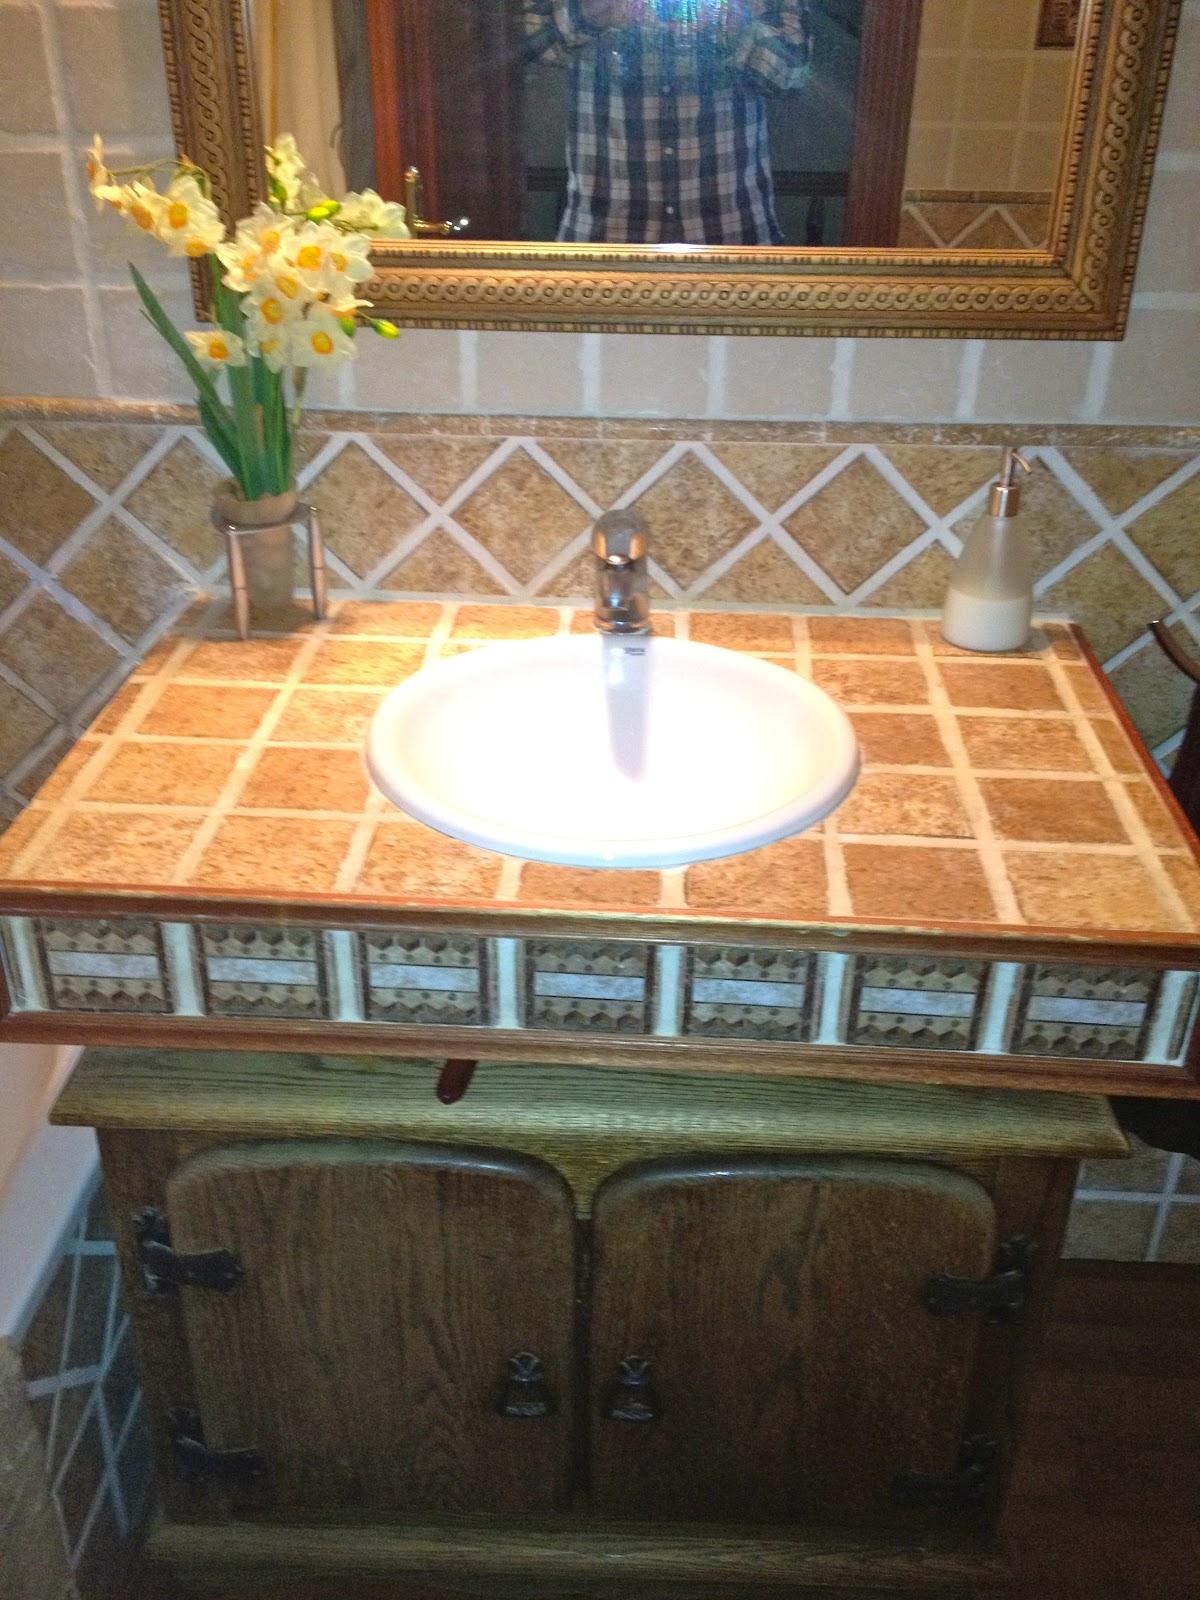 Fai o interiorisme ba o estilo r stico Muebles de lavabo de obra